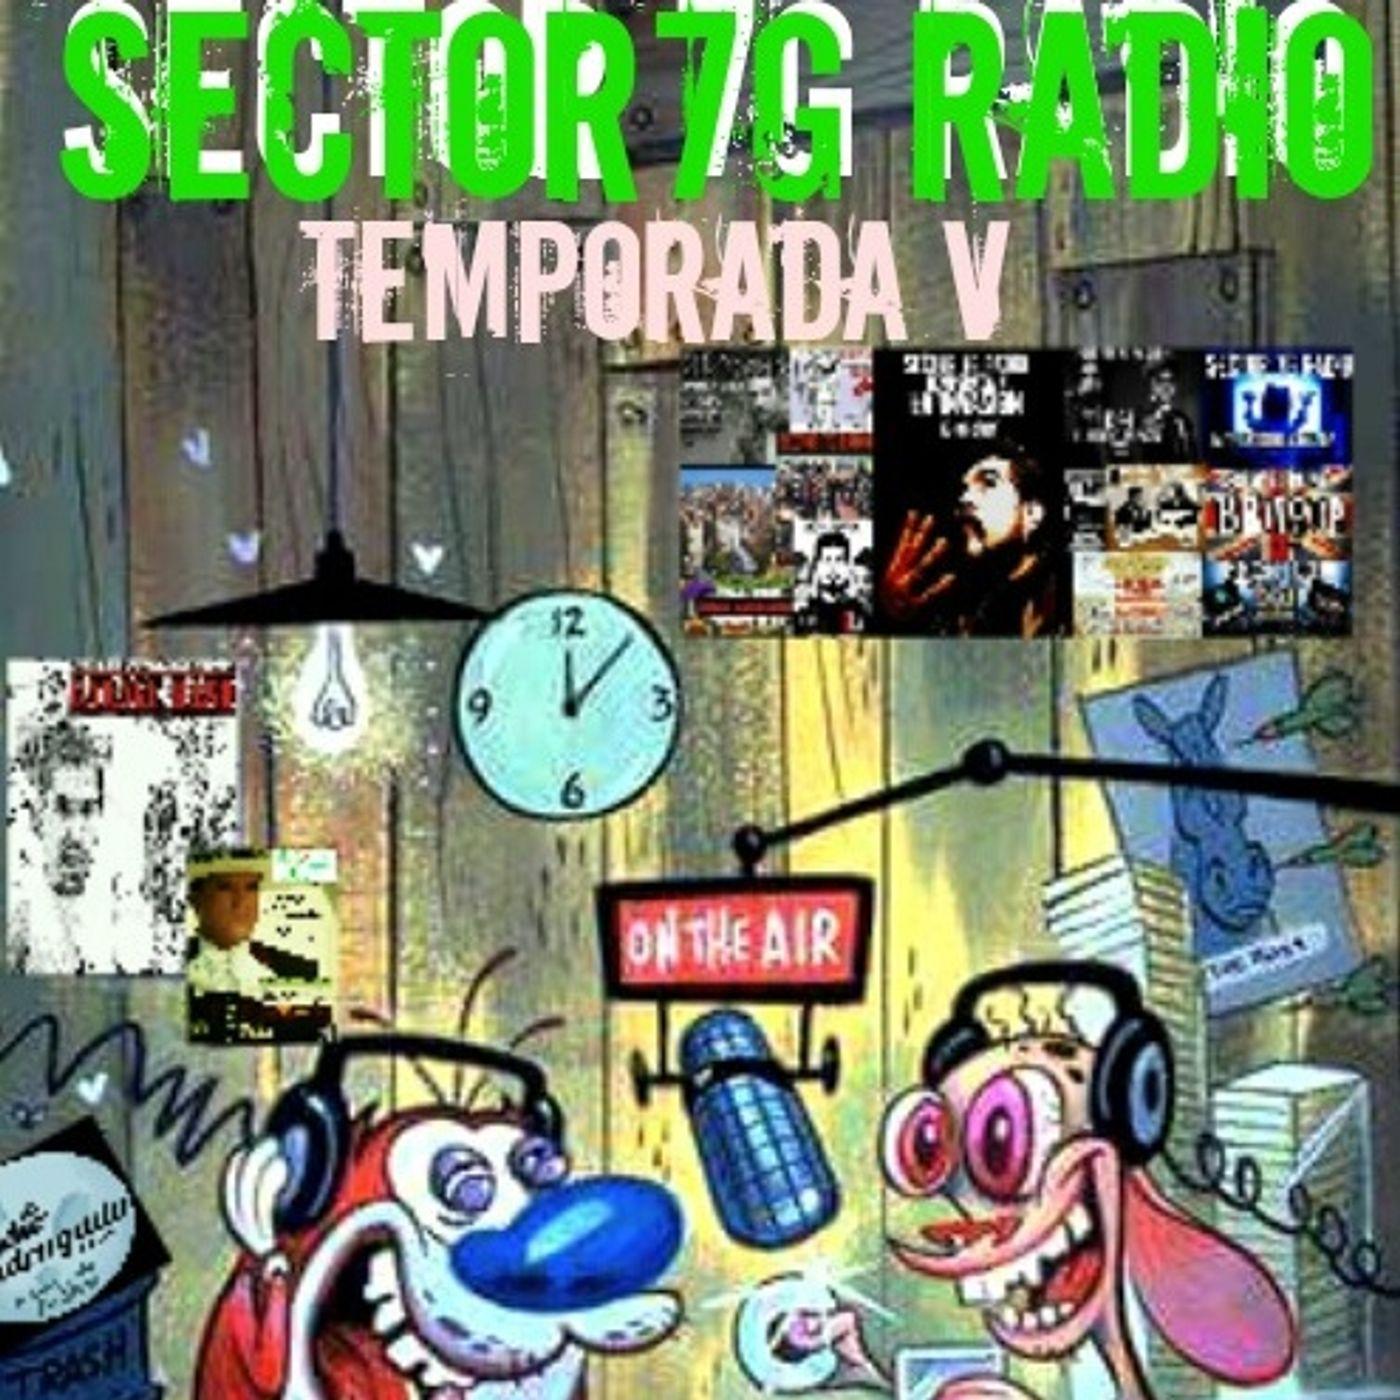 Sector 7G Radio